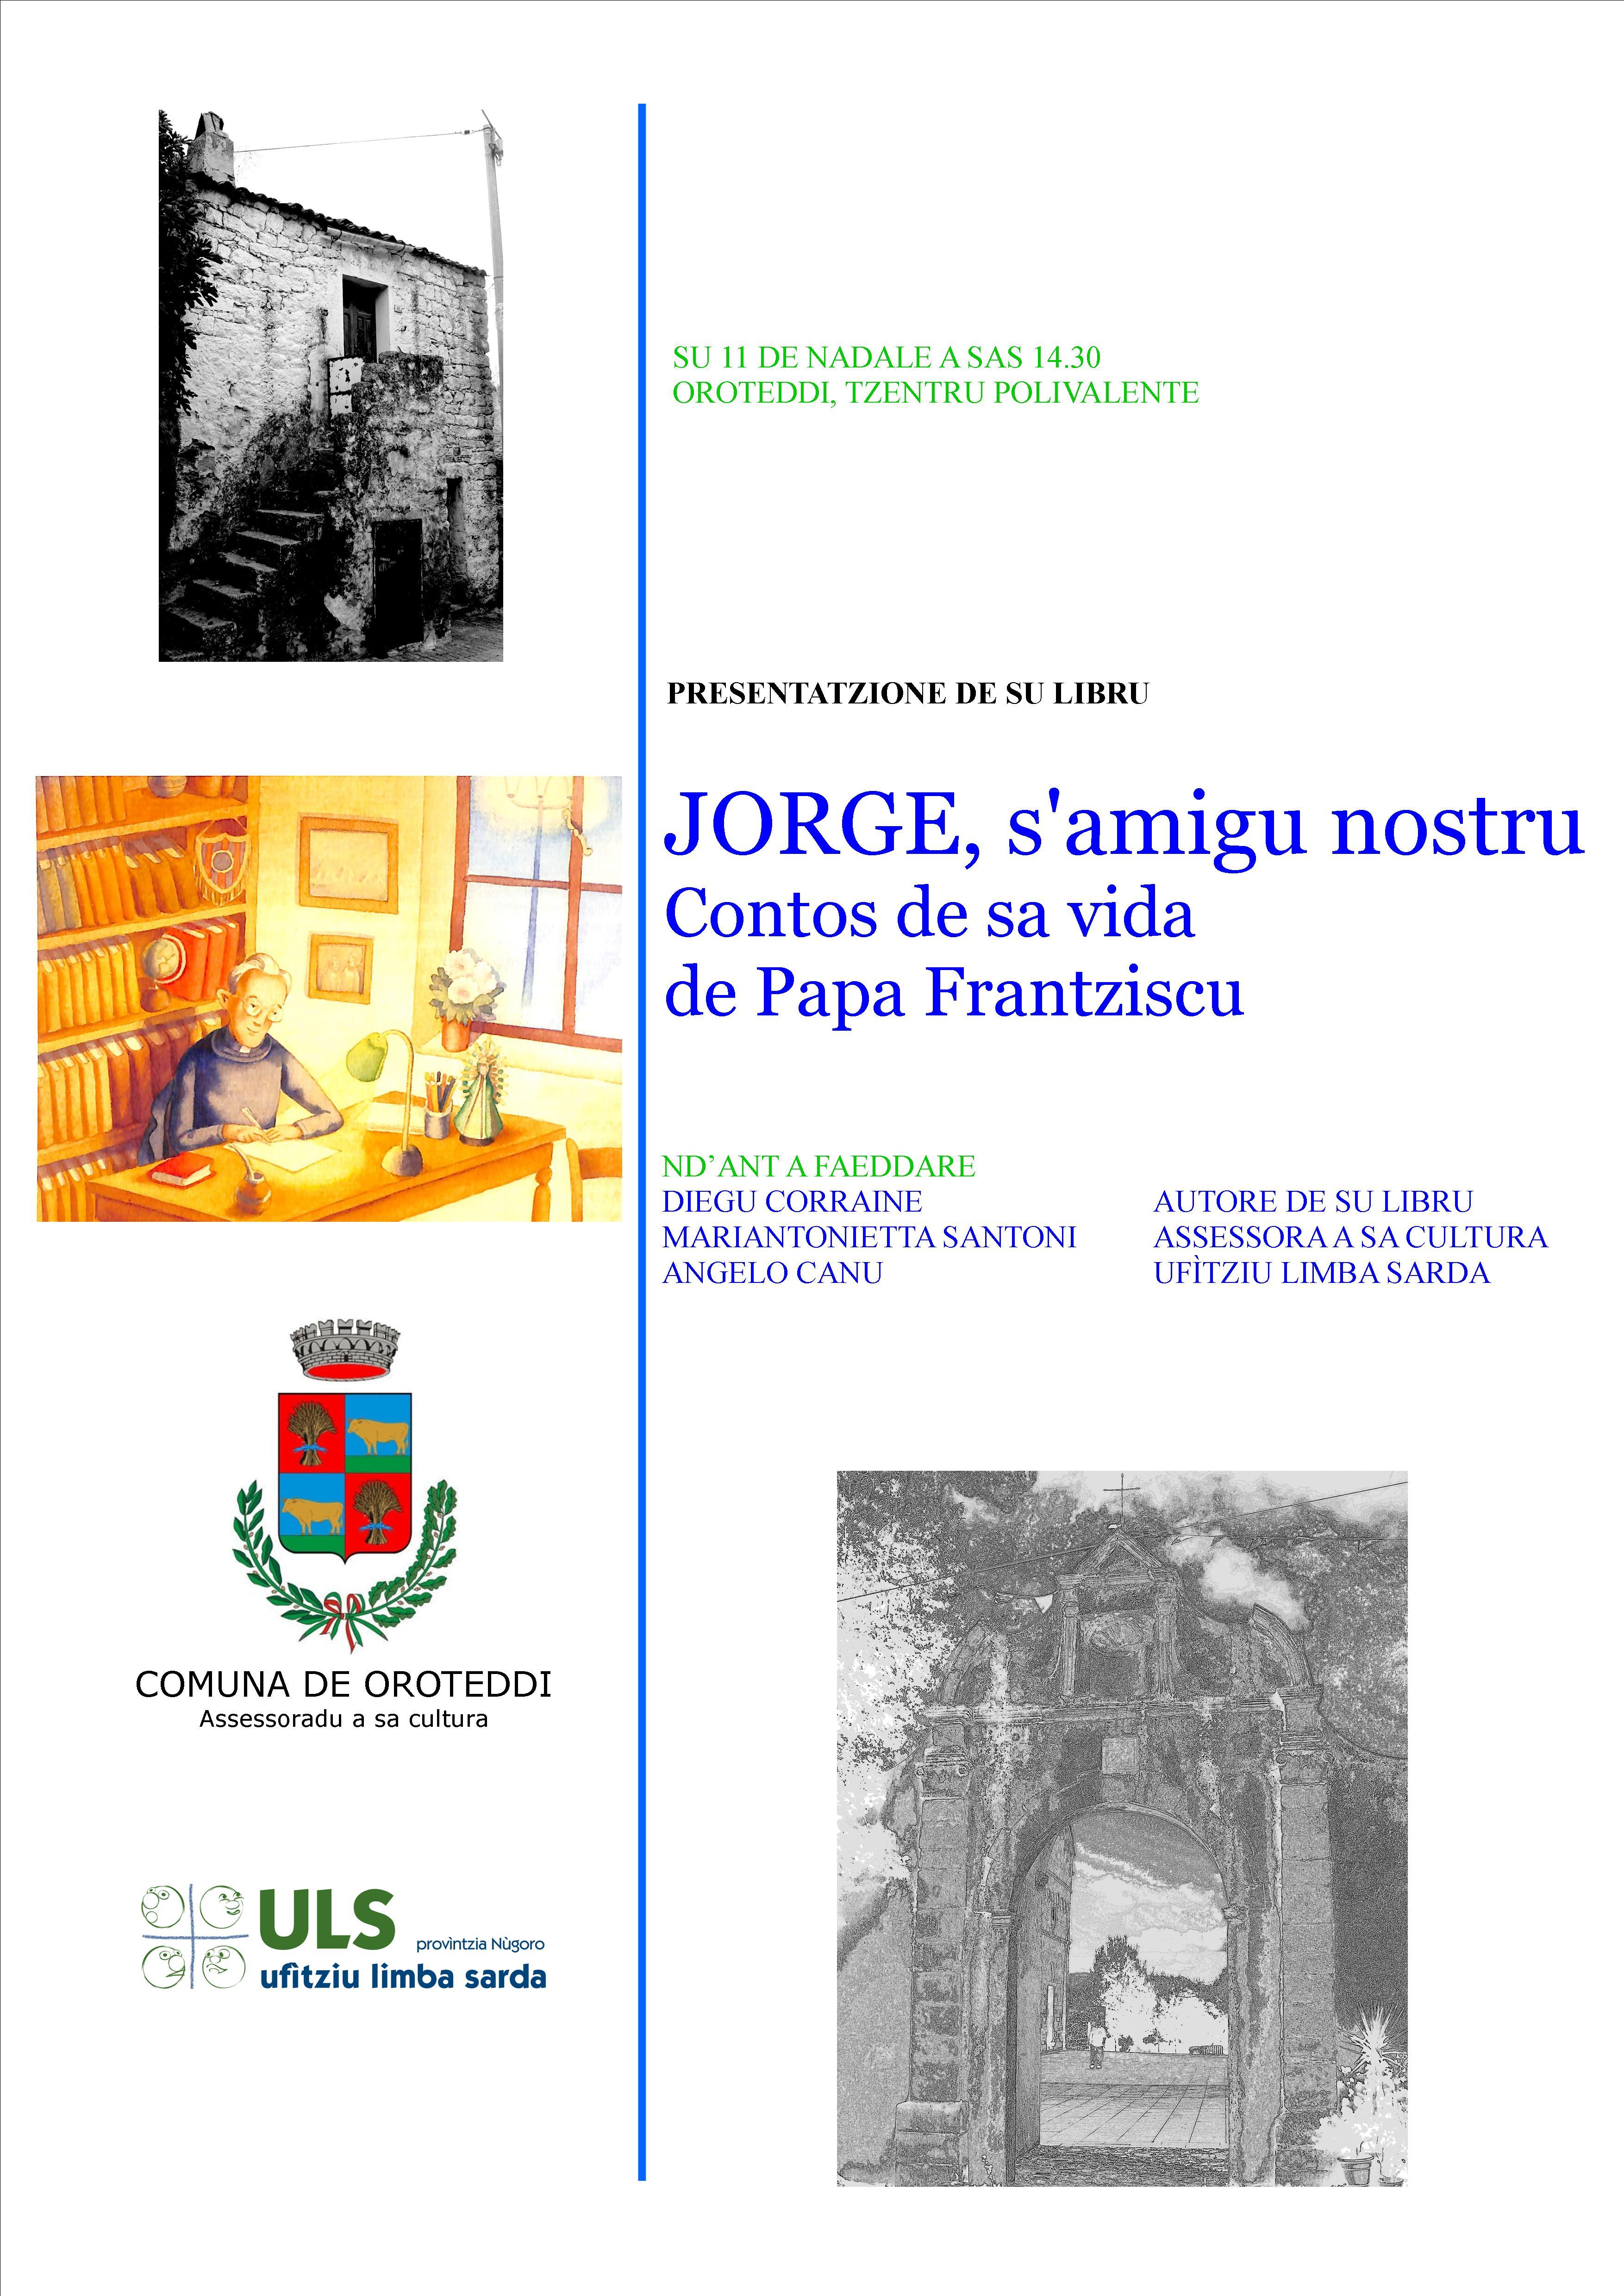 Locandina presentada Jorge